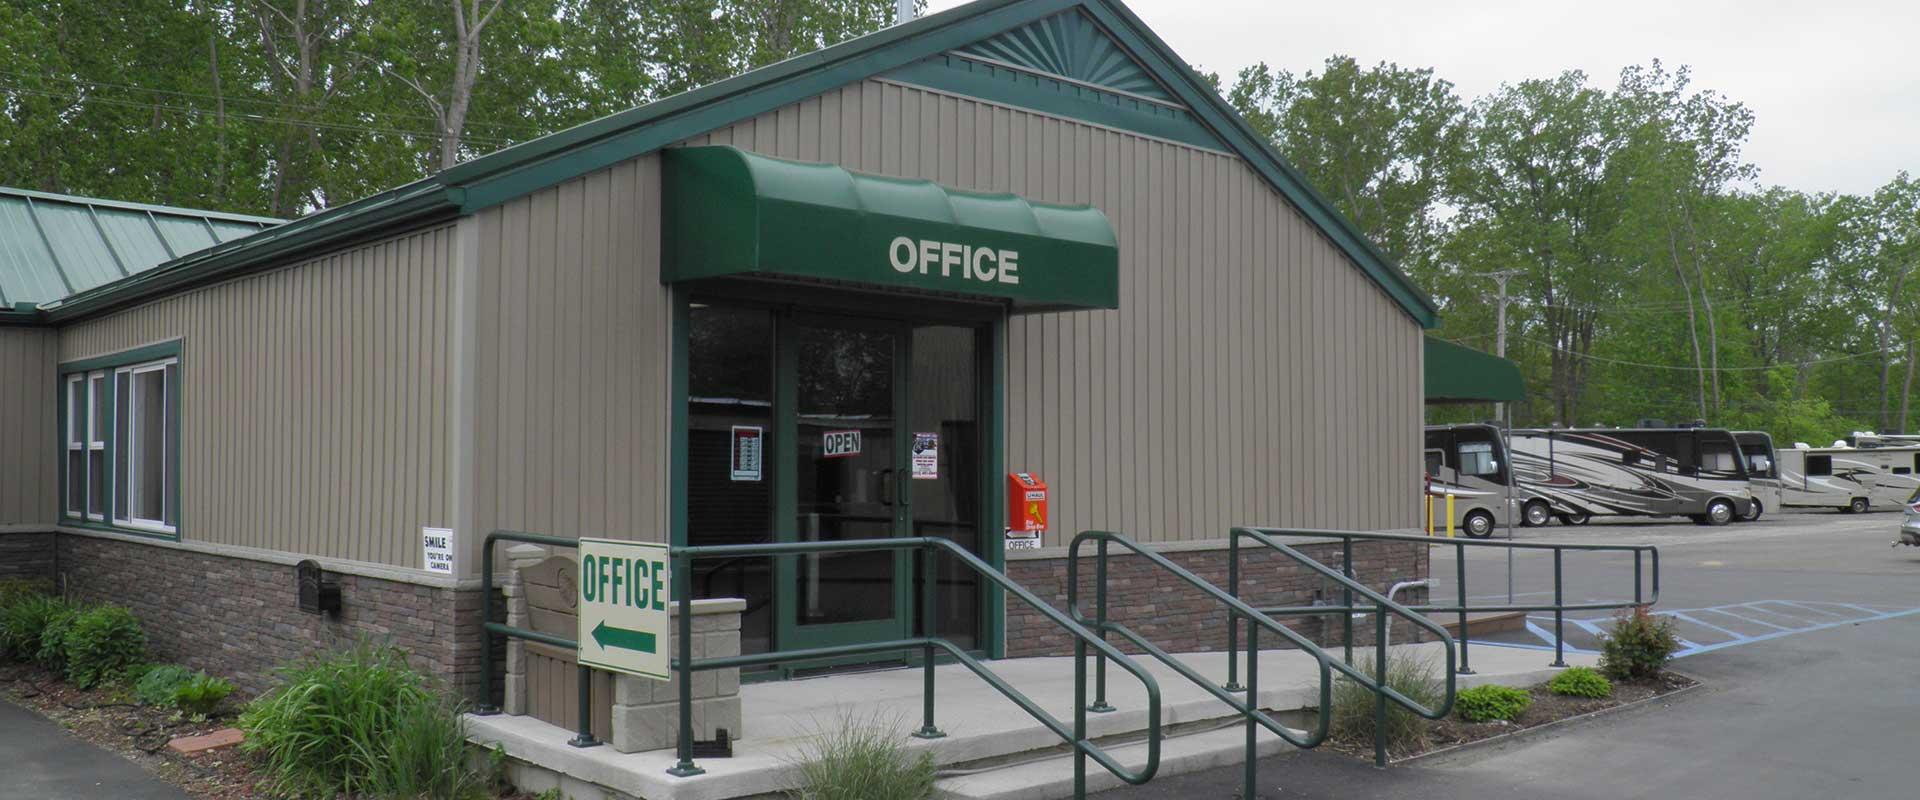 telegraph budget storage office